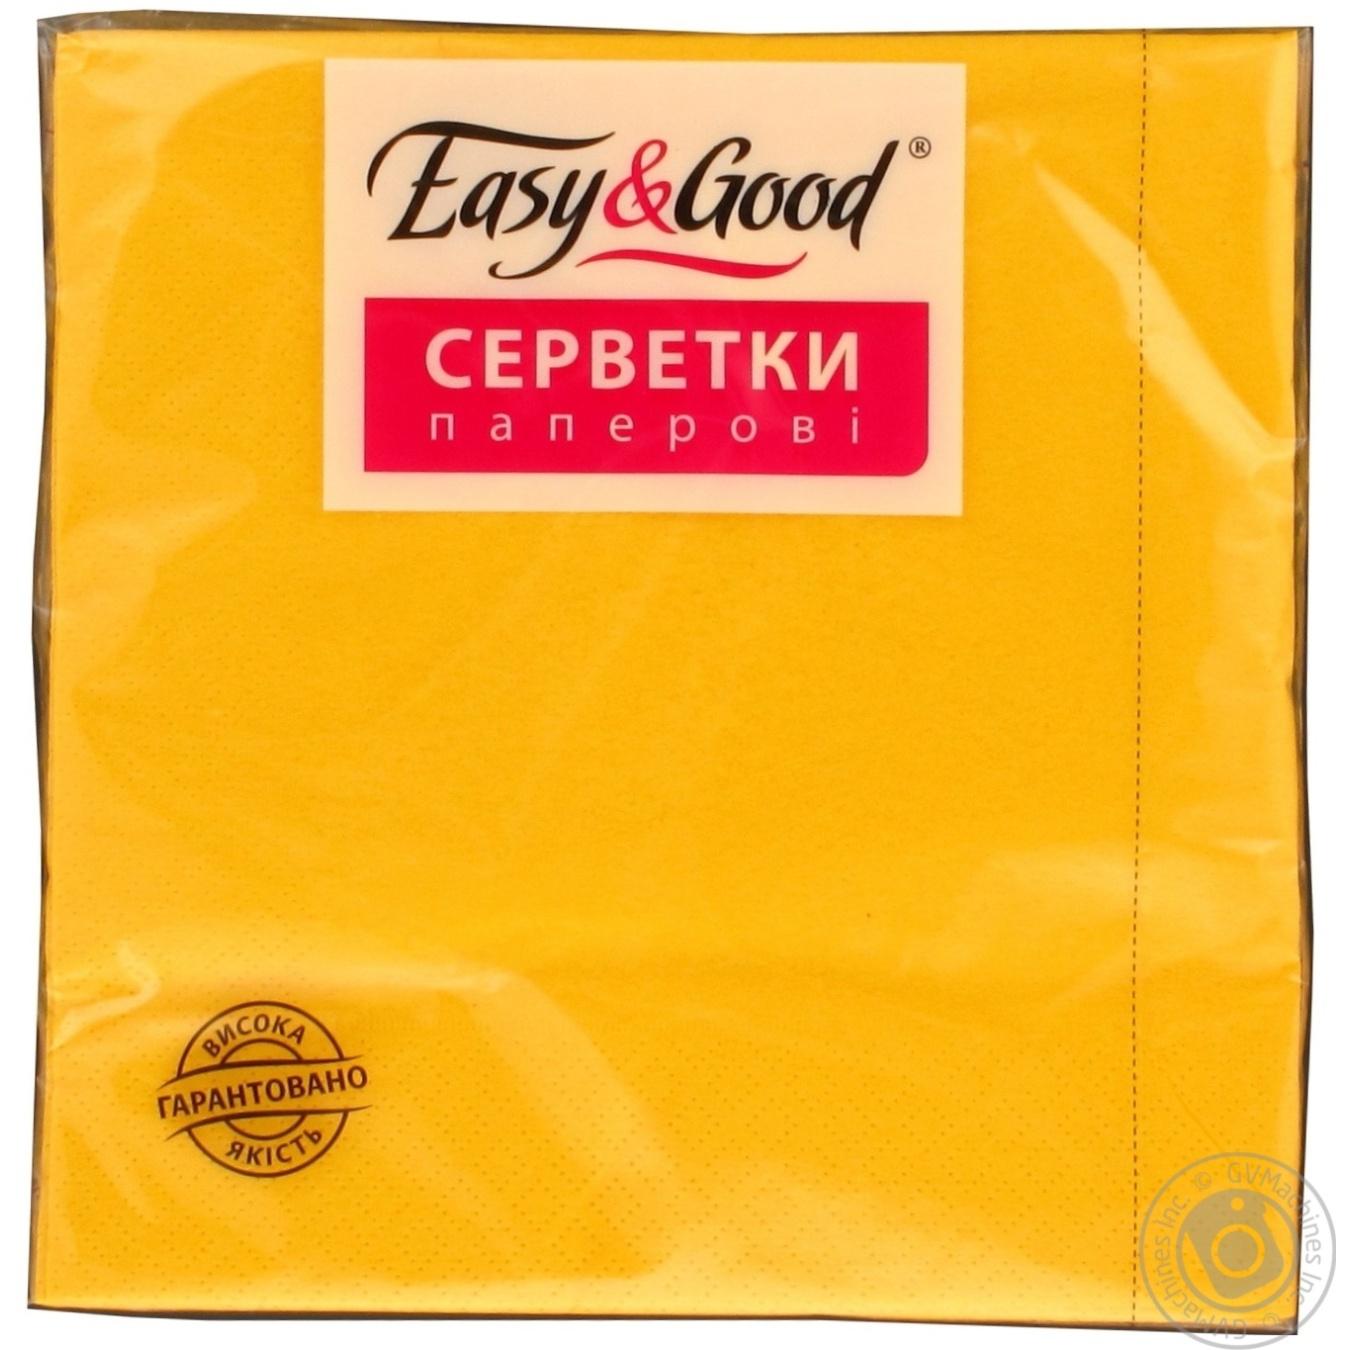 Серветка Ізі енд гуд жовта паперова 20шт Україна → Для дому ... d9dde0cc2d92c